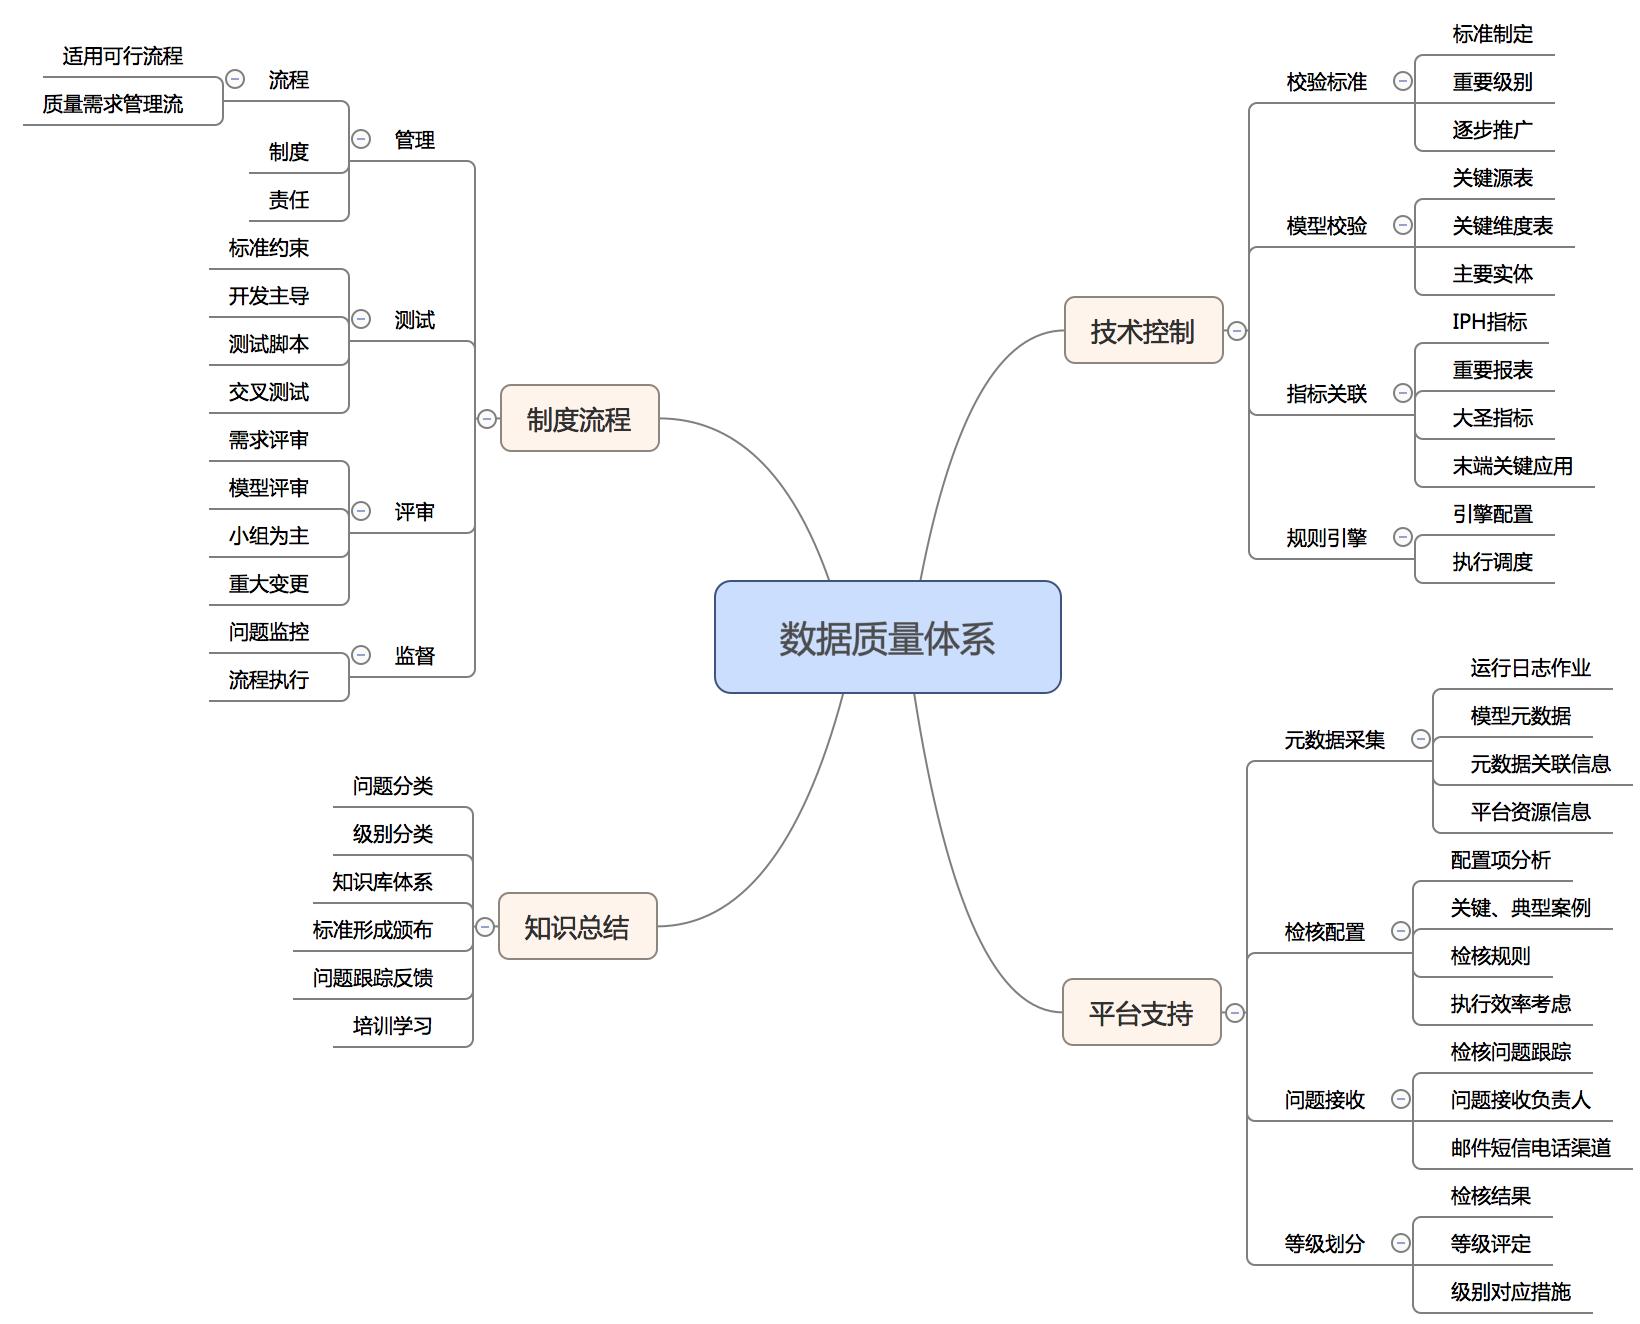 图1  质量监控平台整体框架图